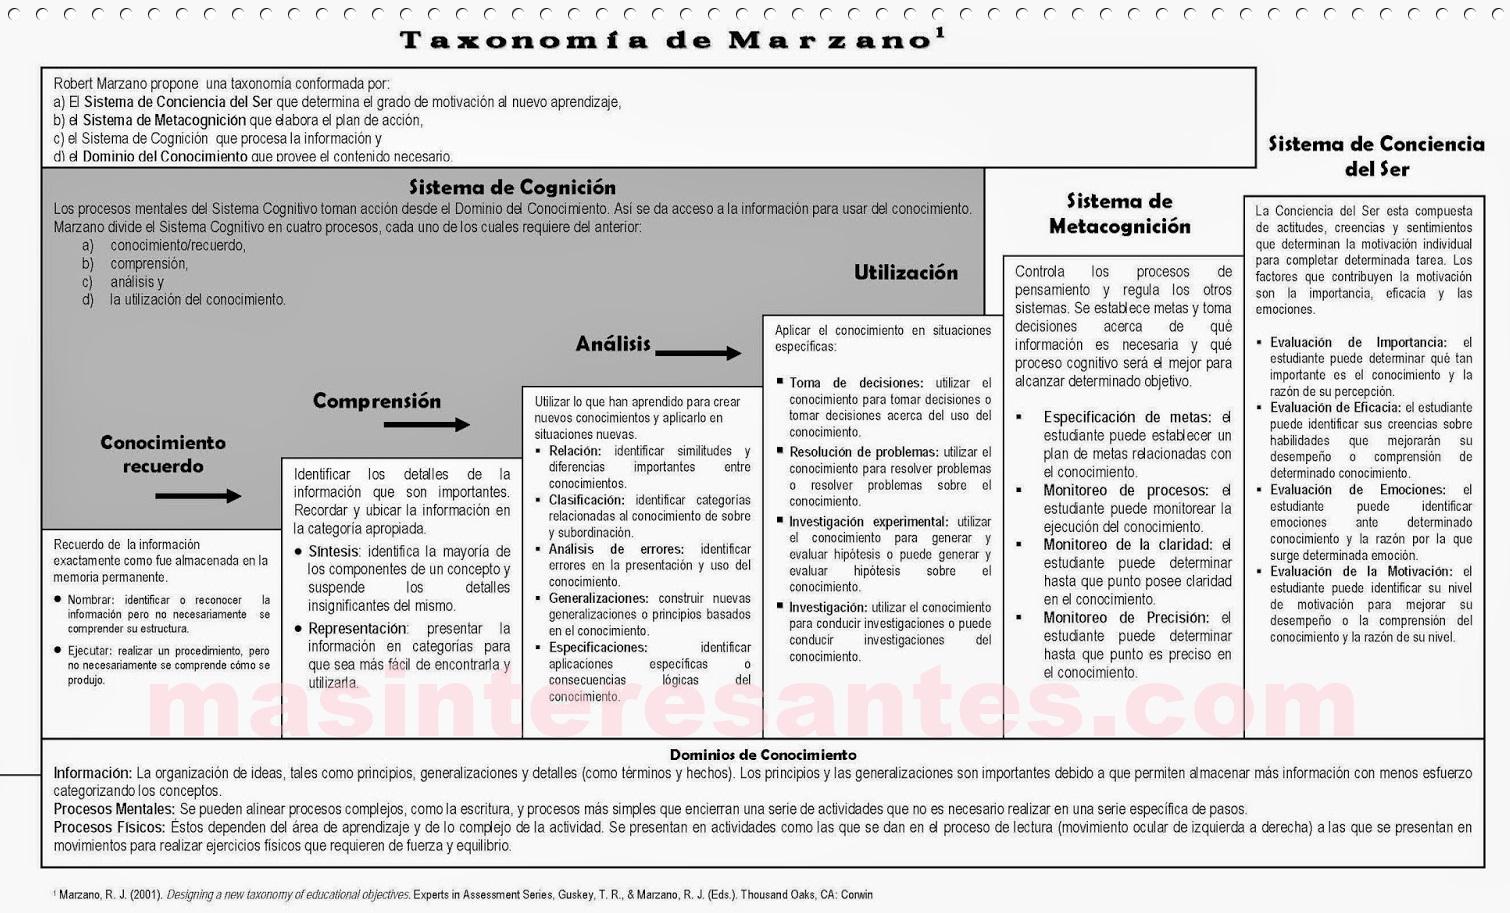 Taxonomía de R. Marzano